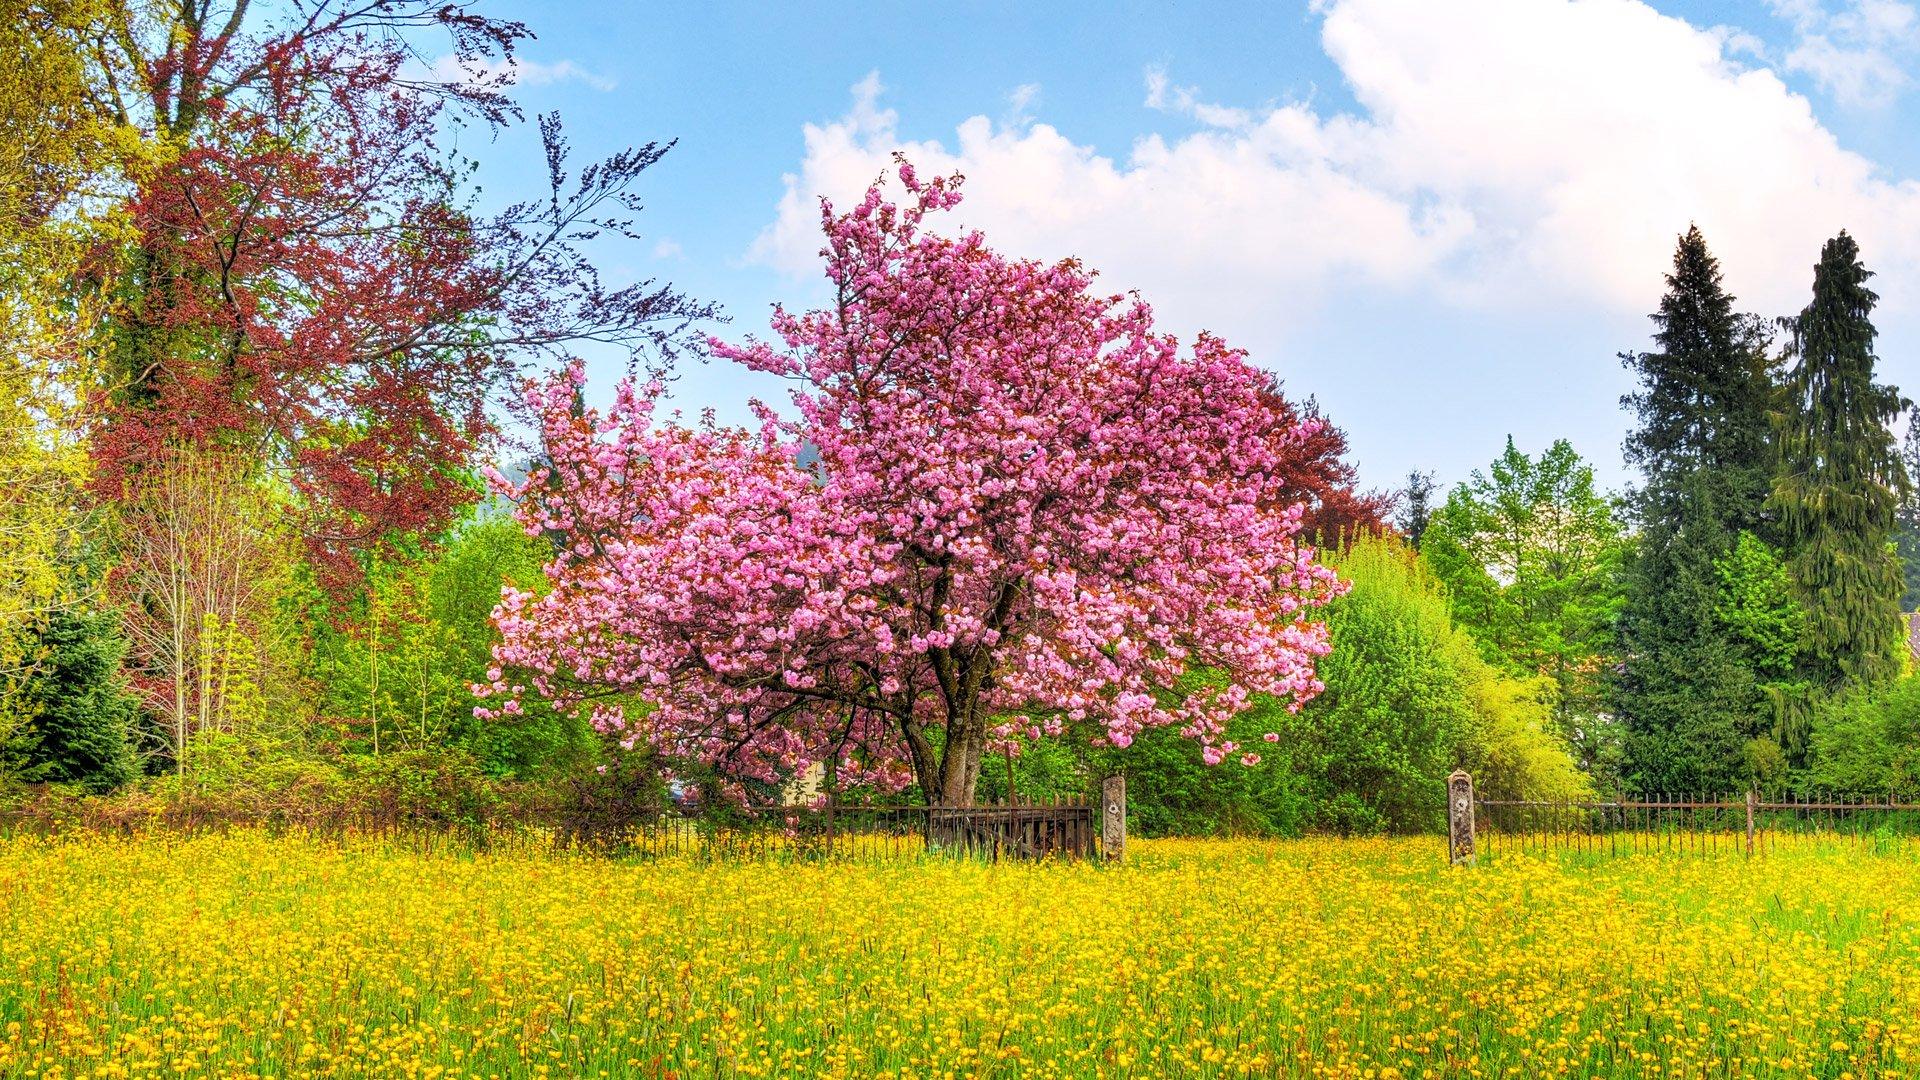 Картинки весенние пейзажи на телефон, февраля